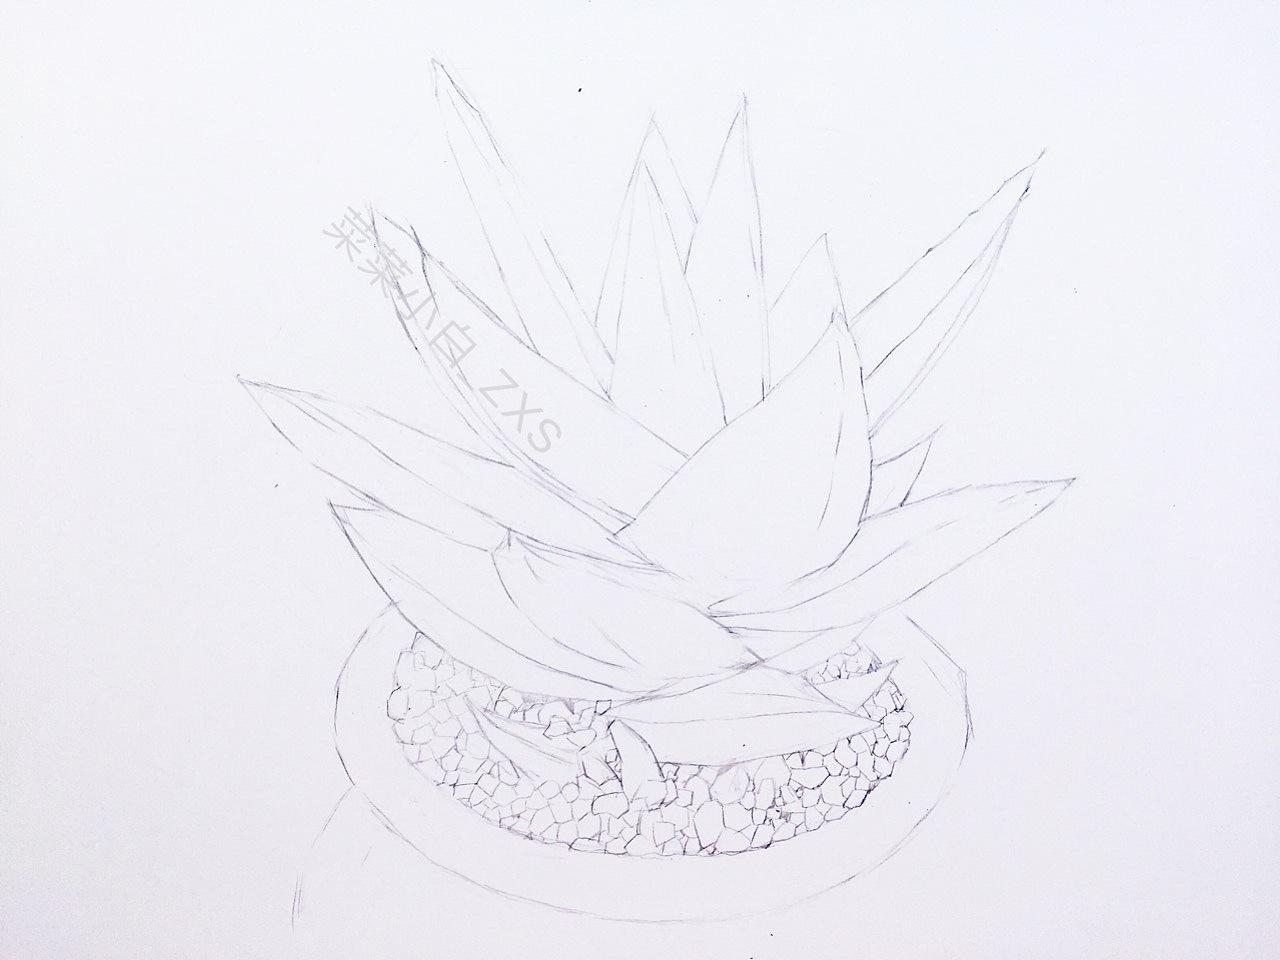 彩铅手绘—小芦荟